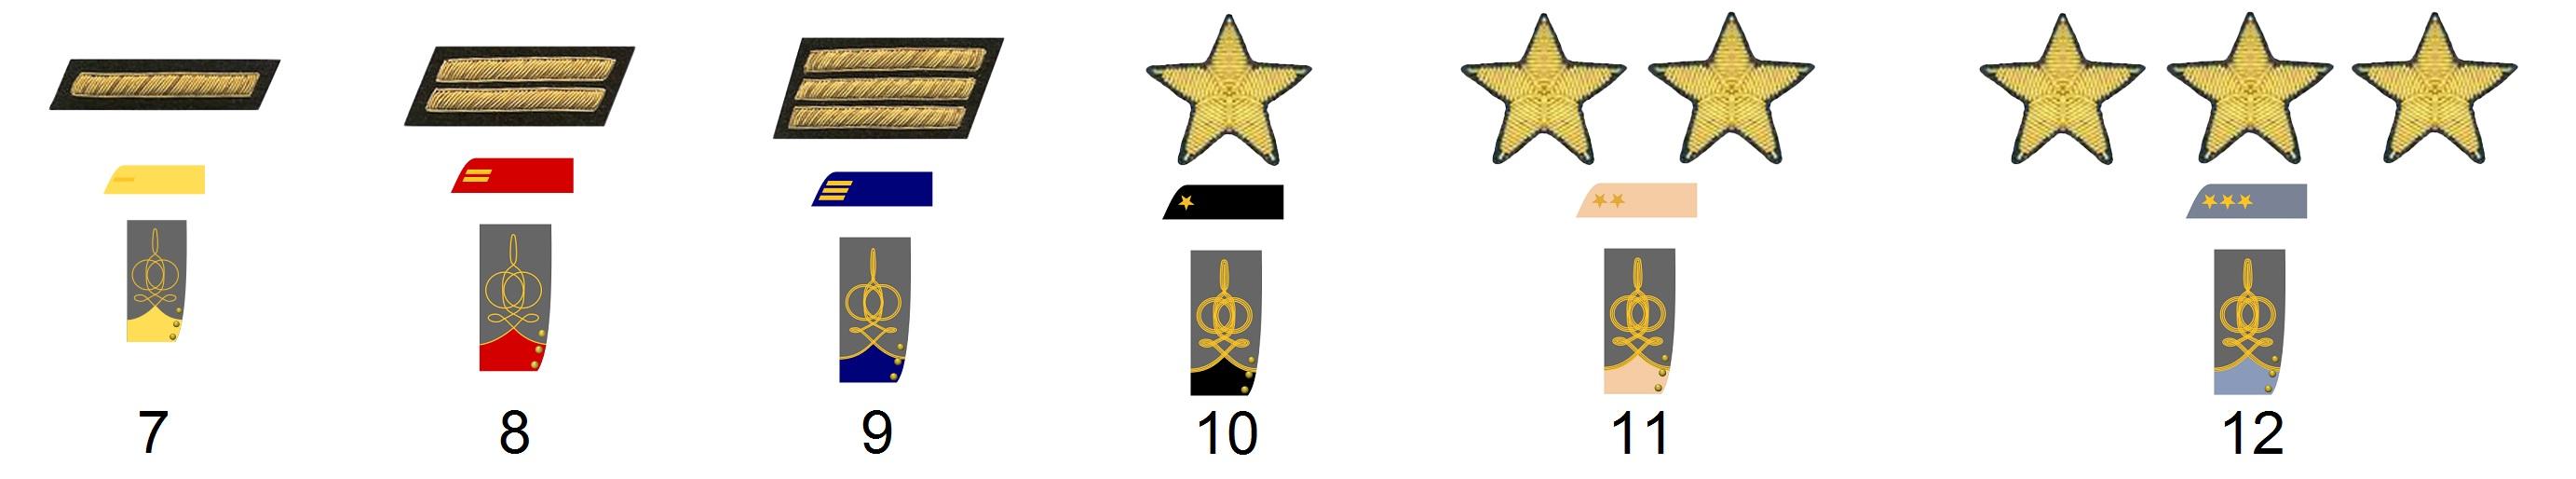 Südstaaten Armee (Konföderierte Armee)